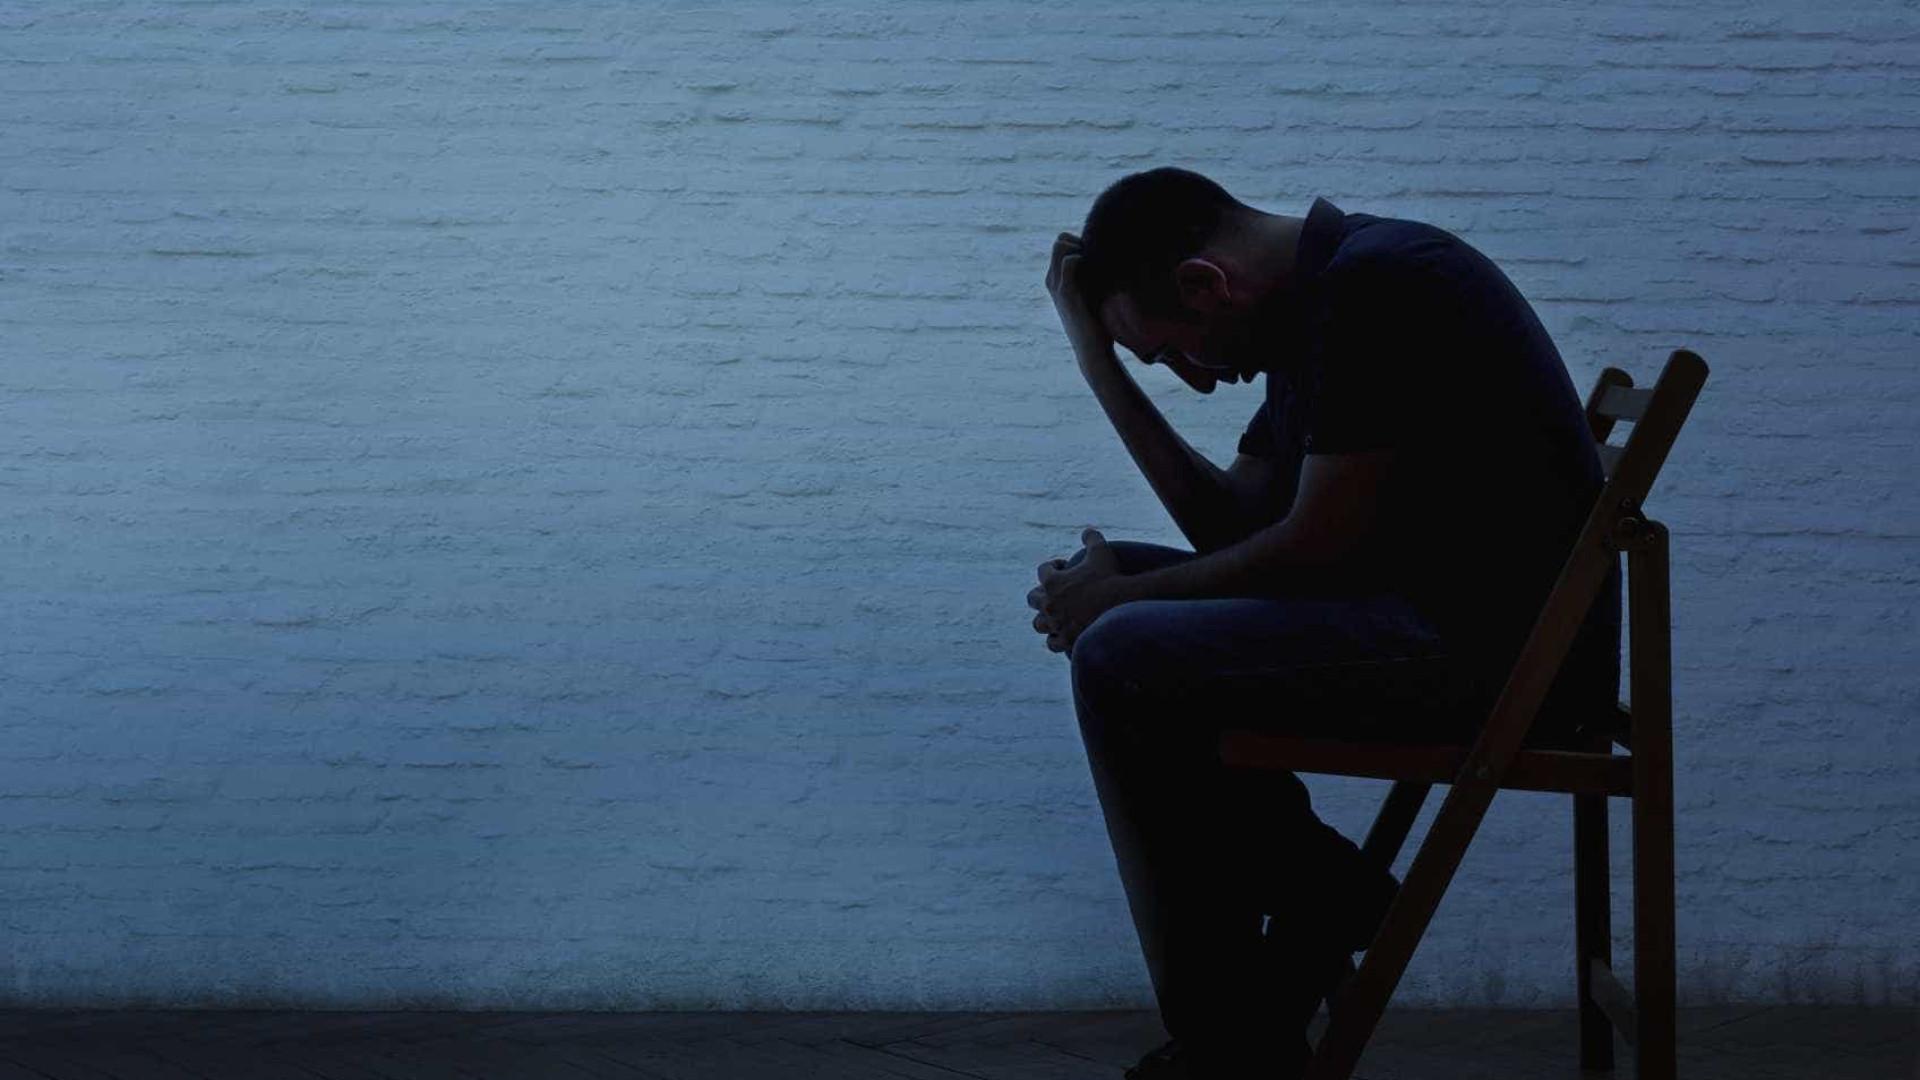 Síndrome de Cotard: como é a vida de quem pensa que está morto